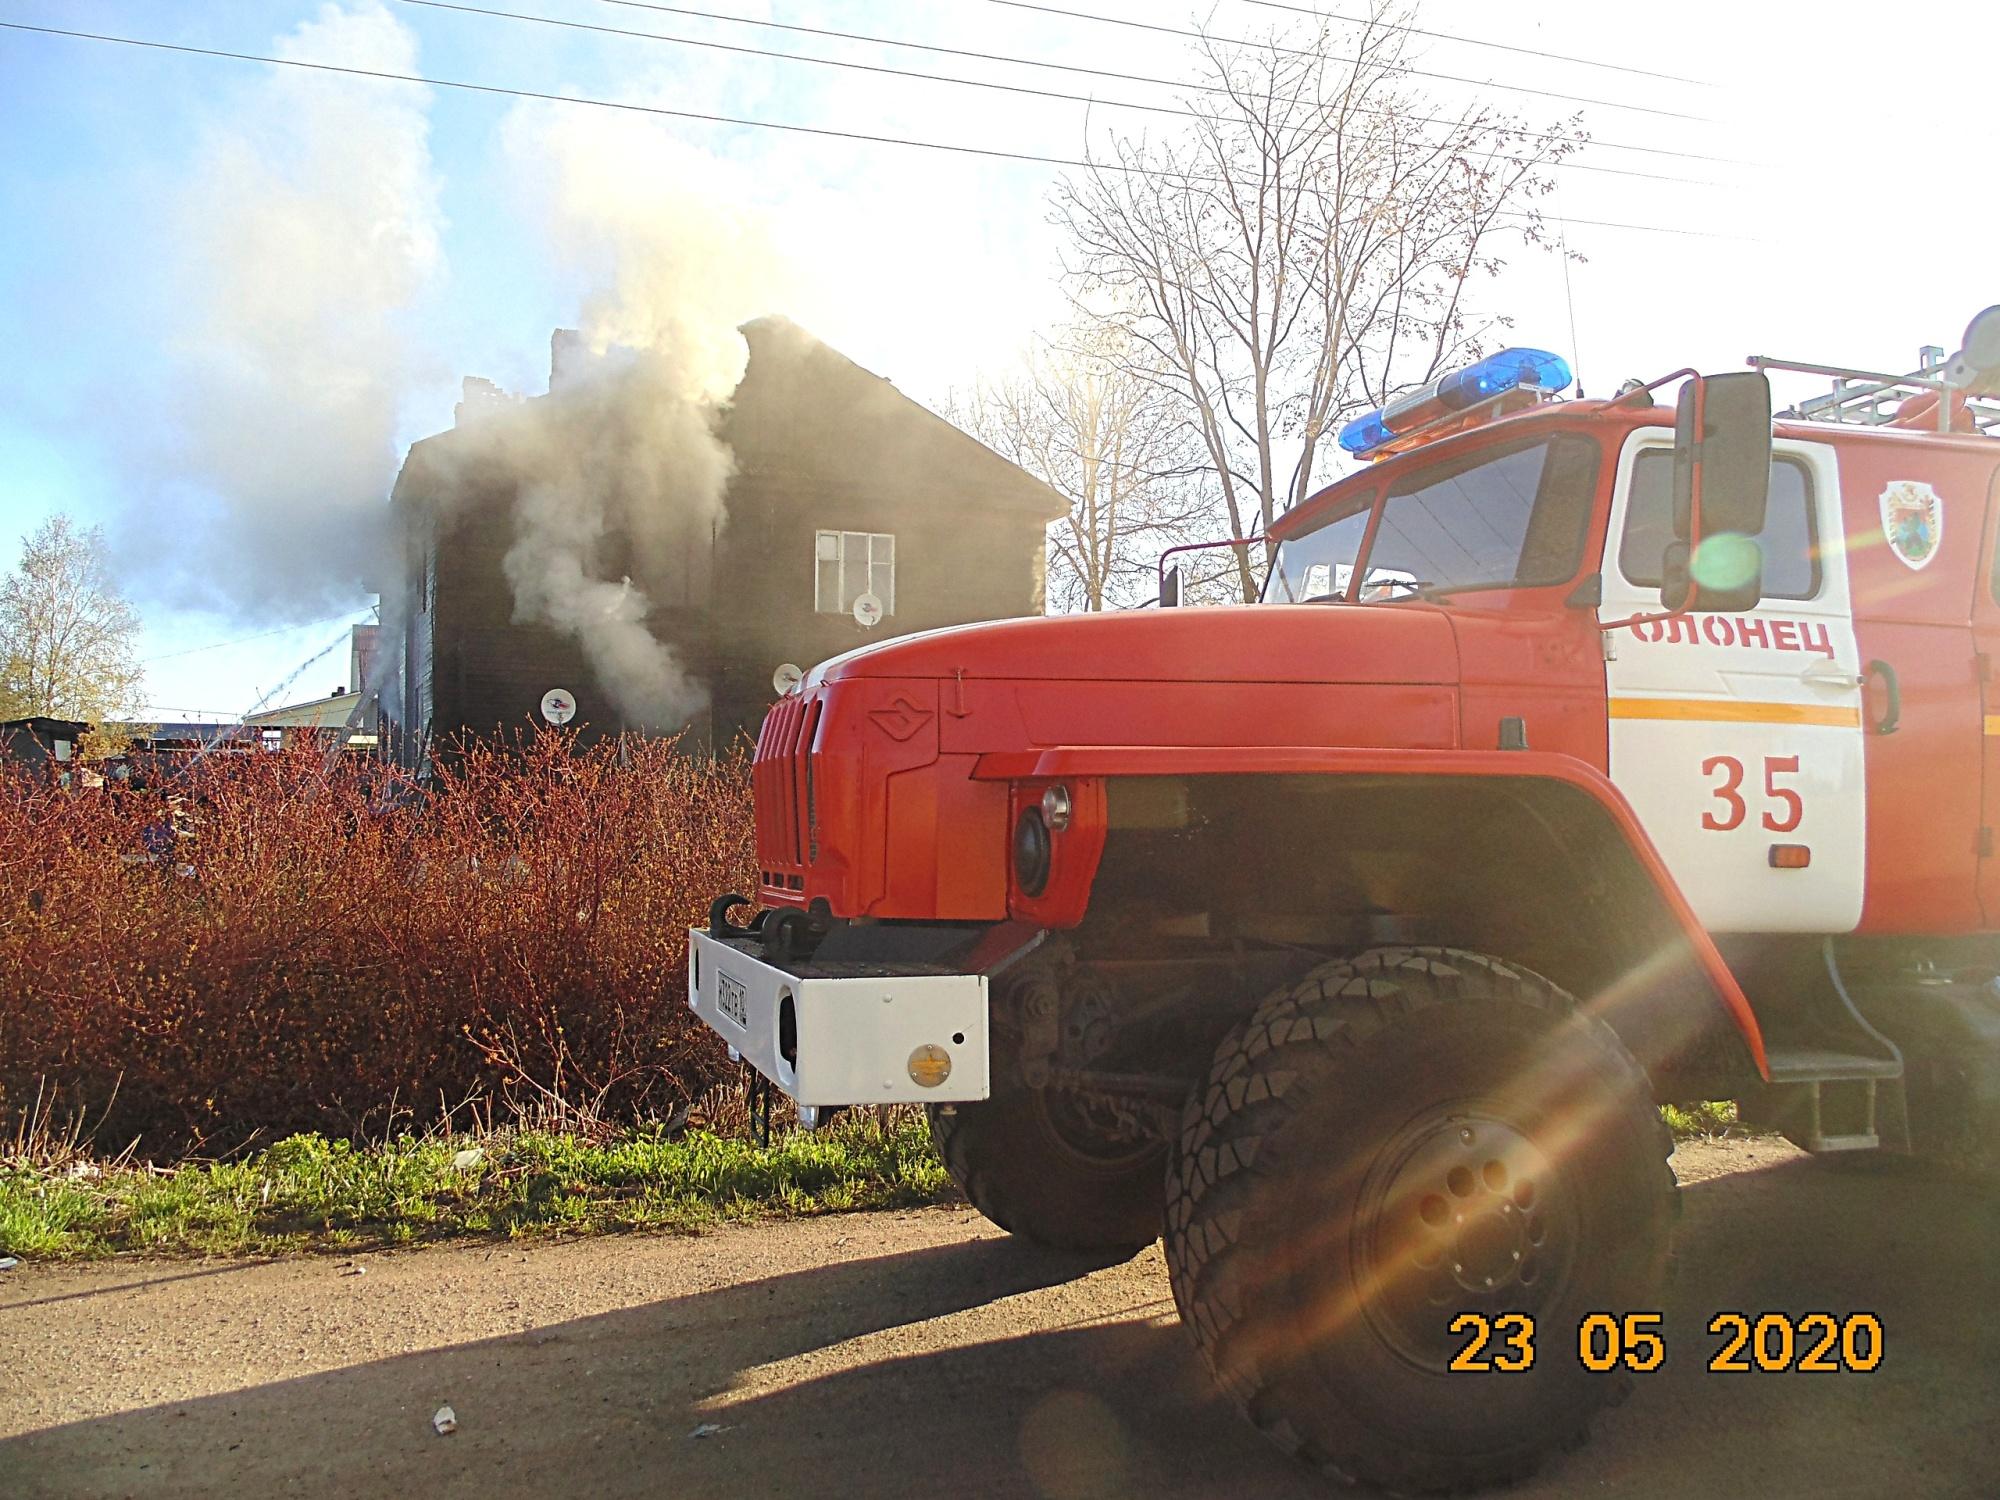 Пожарно-спасательные подразделения привлекались для ликвидации пожара в Беломорском районе.